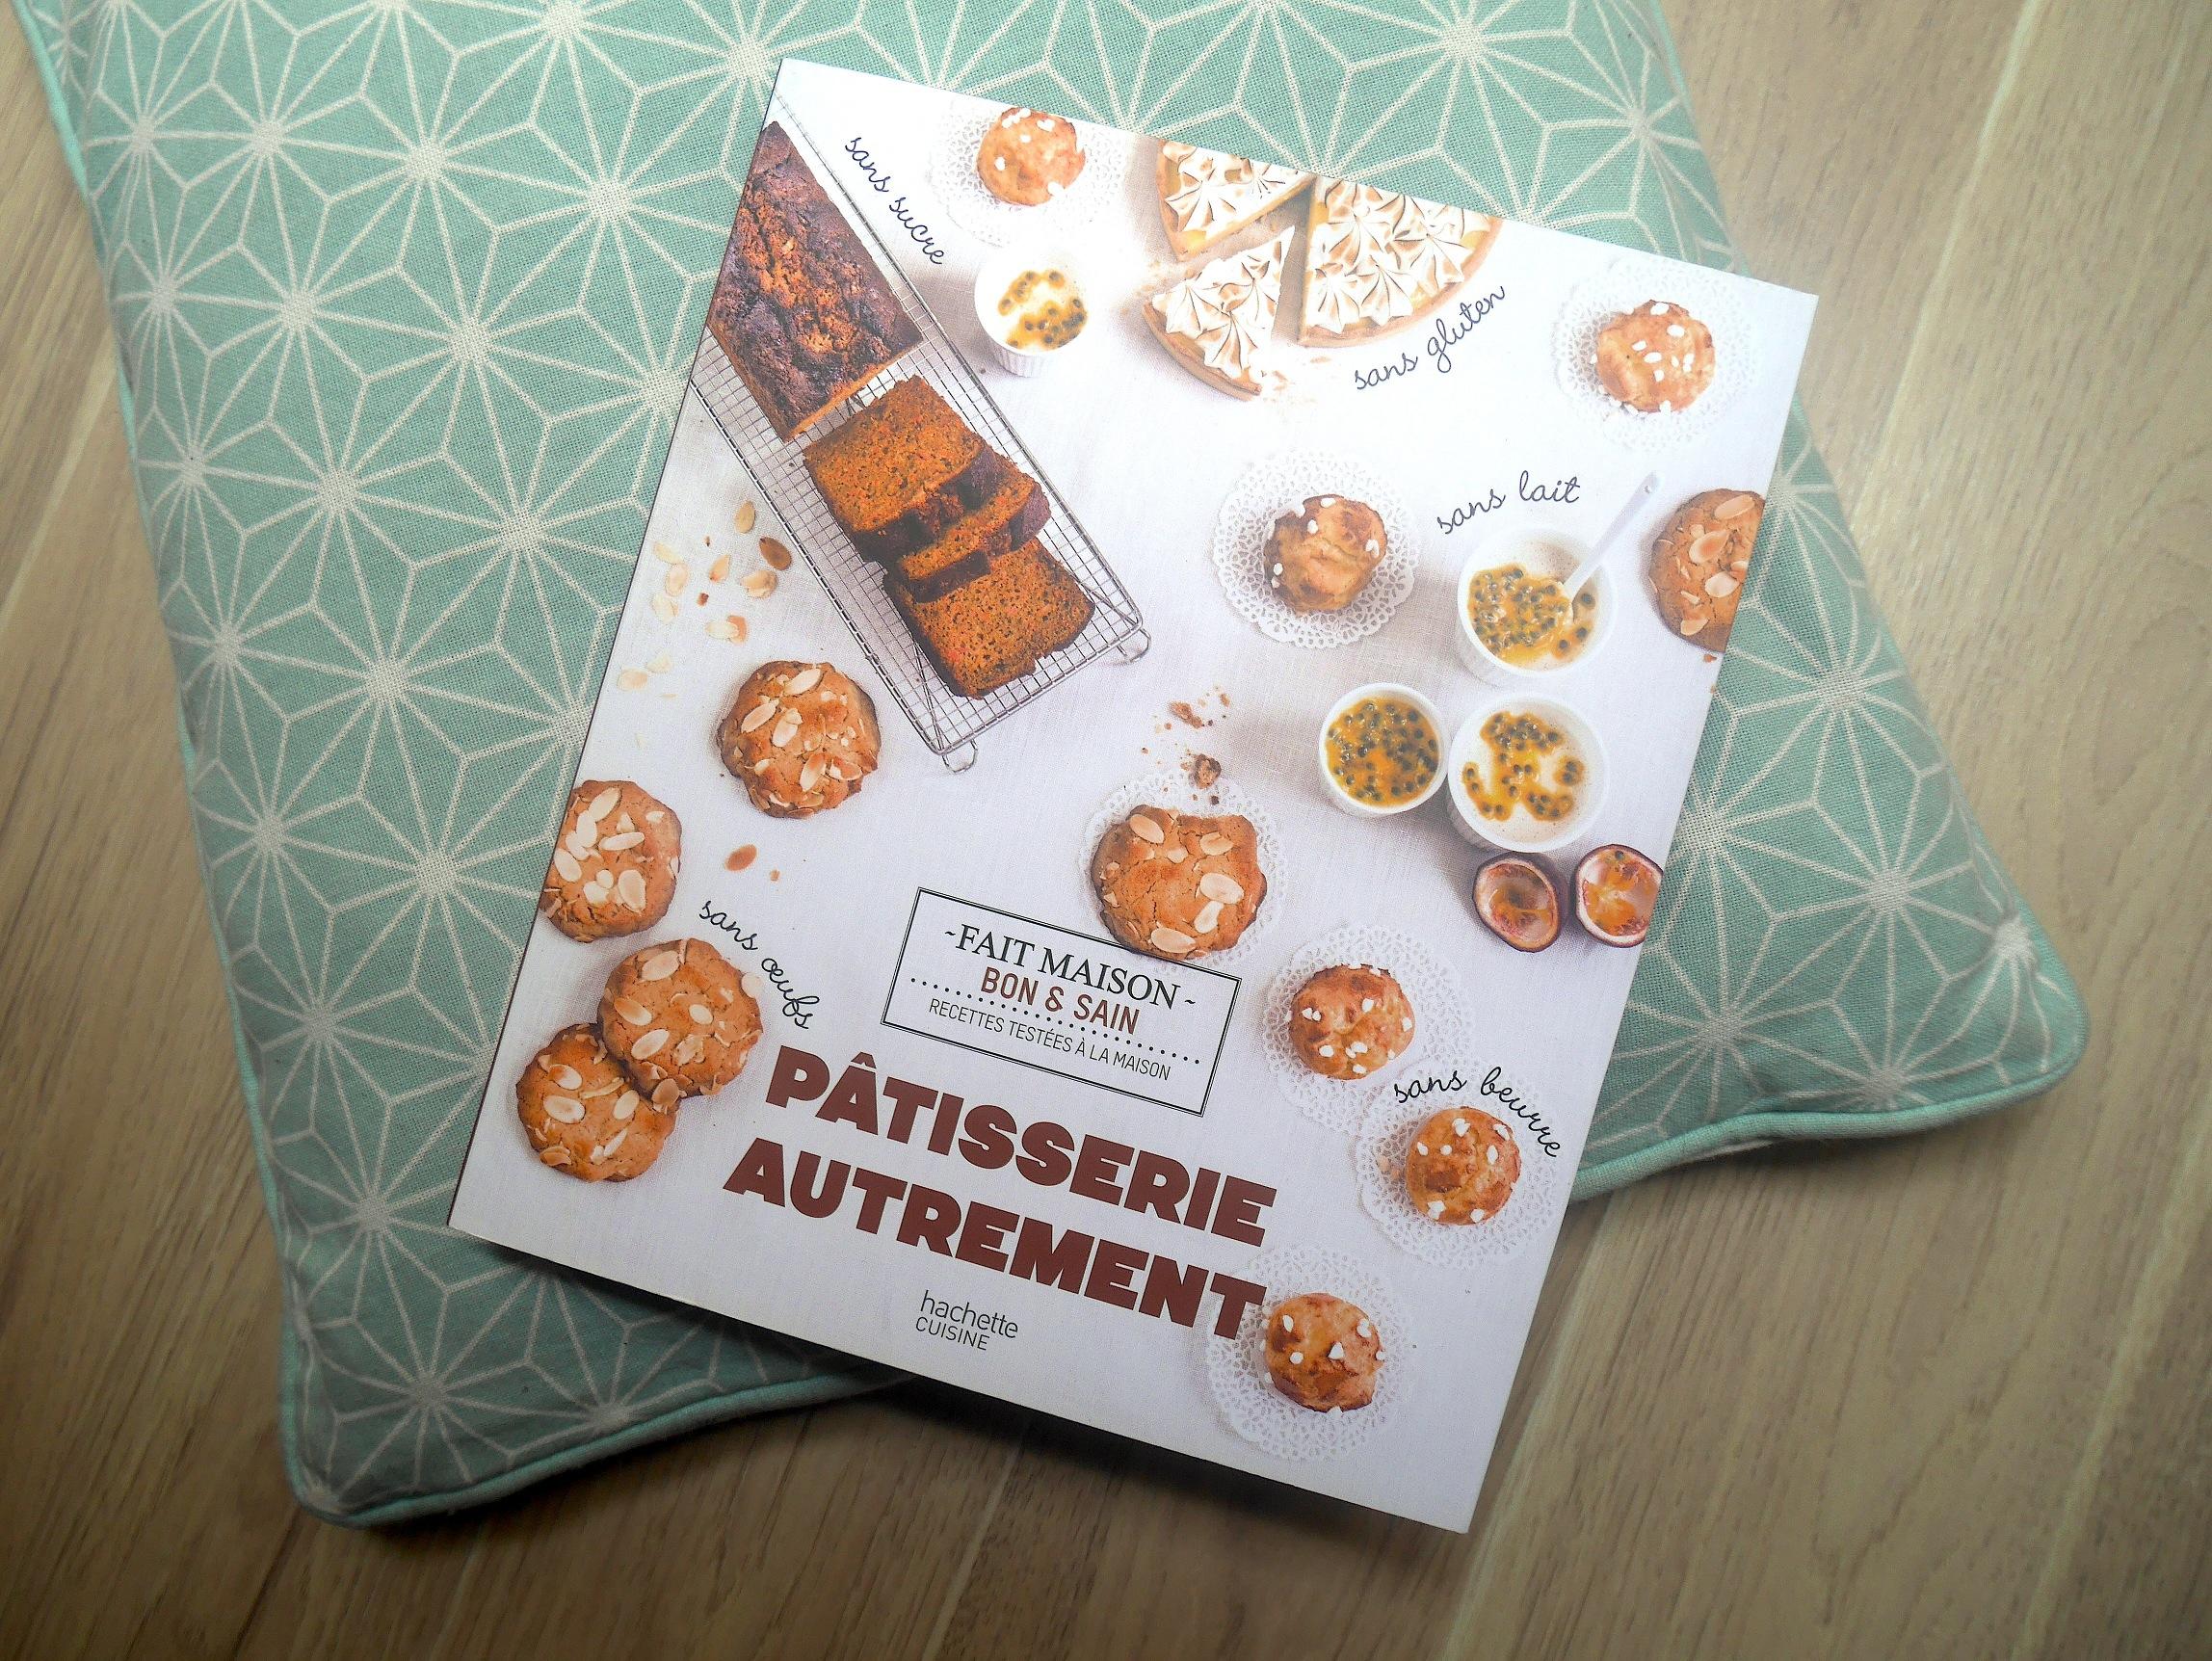 """Coup de coeur pour """"Pâtisserie autrement"""" de Karen Chevallier :-)"""